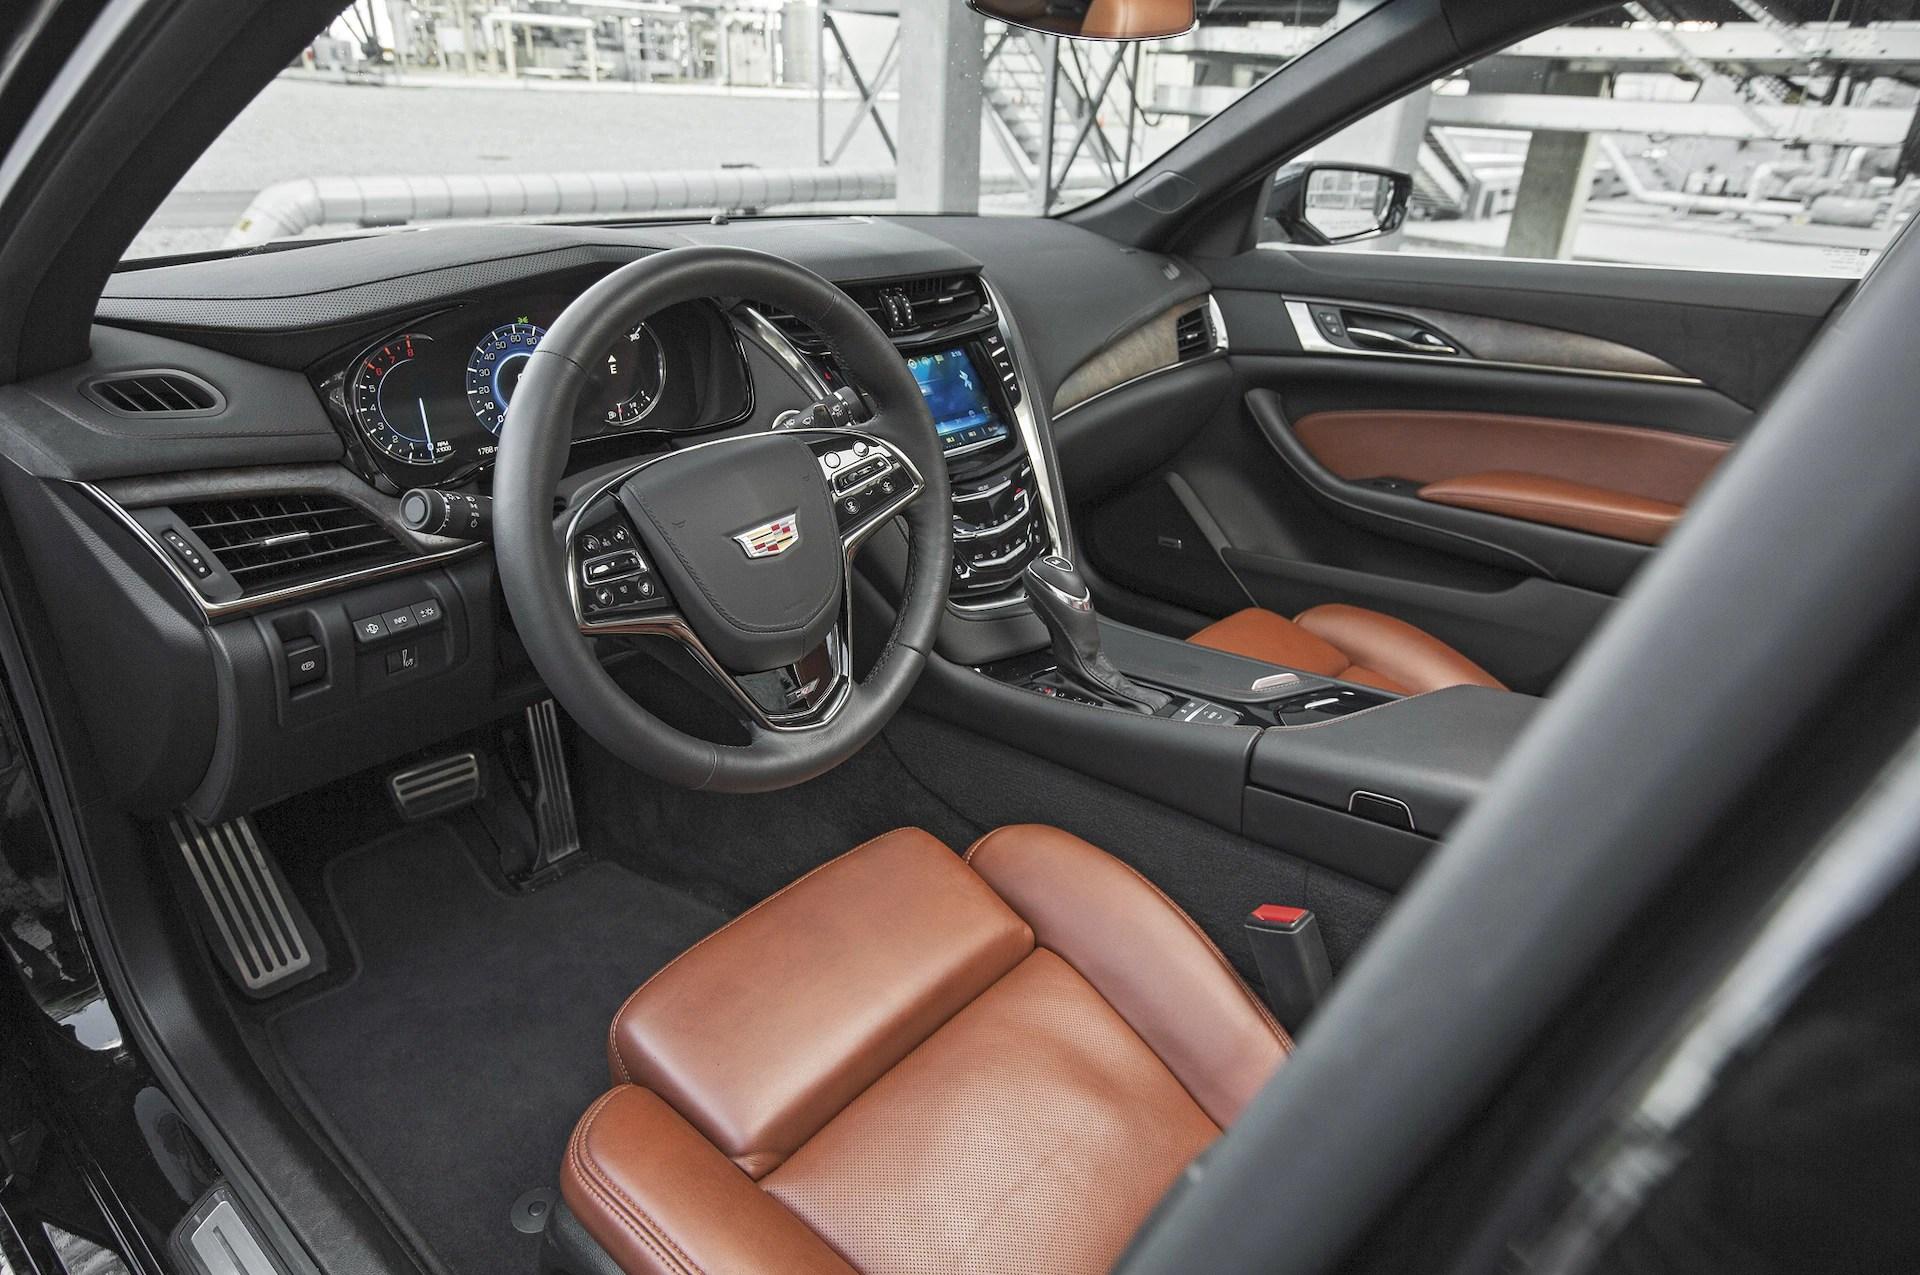 2016 Cadillac CTS V Sport interior